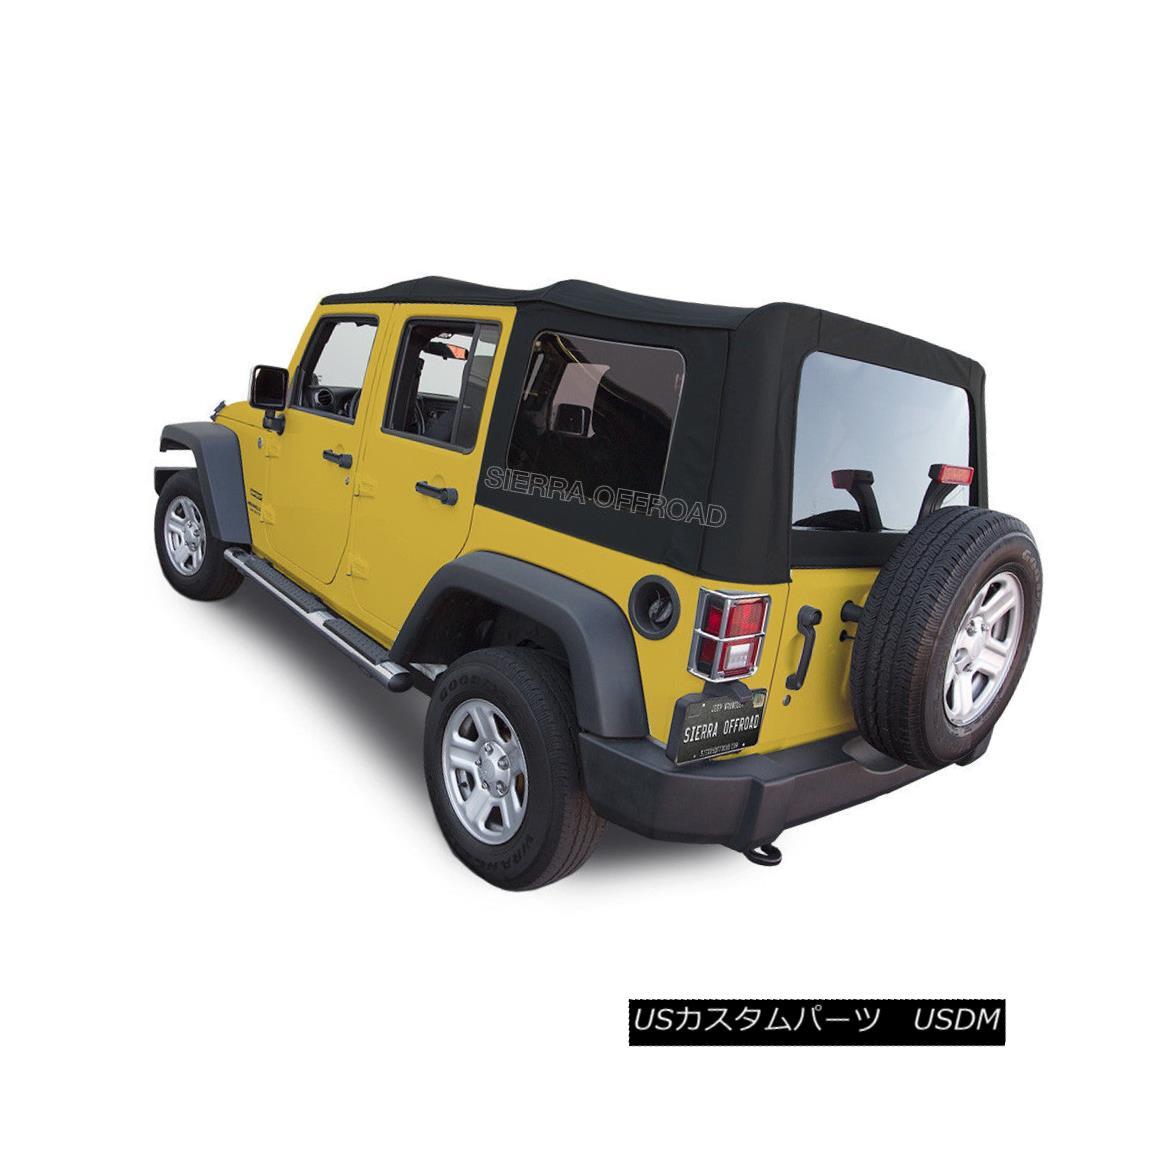 幌・ソフトトップ 2007-2009 Jeep Wrangler 4 DR JK Soft Top, Black Canvas 2007-2009ジープラングラー4 DR JKソフトトップ、ブラックキャンバス